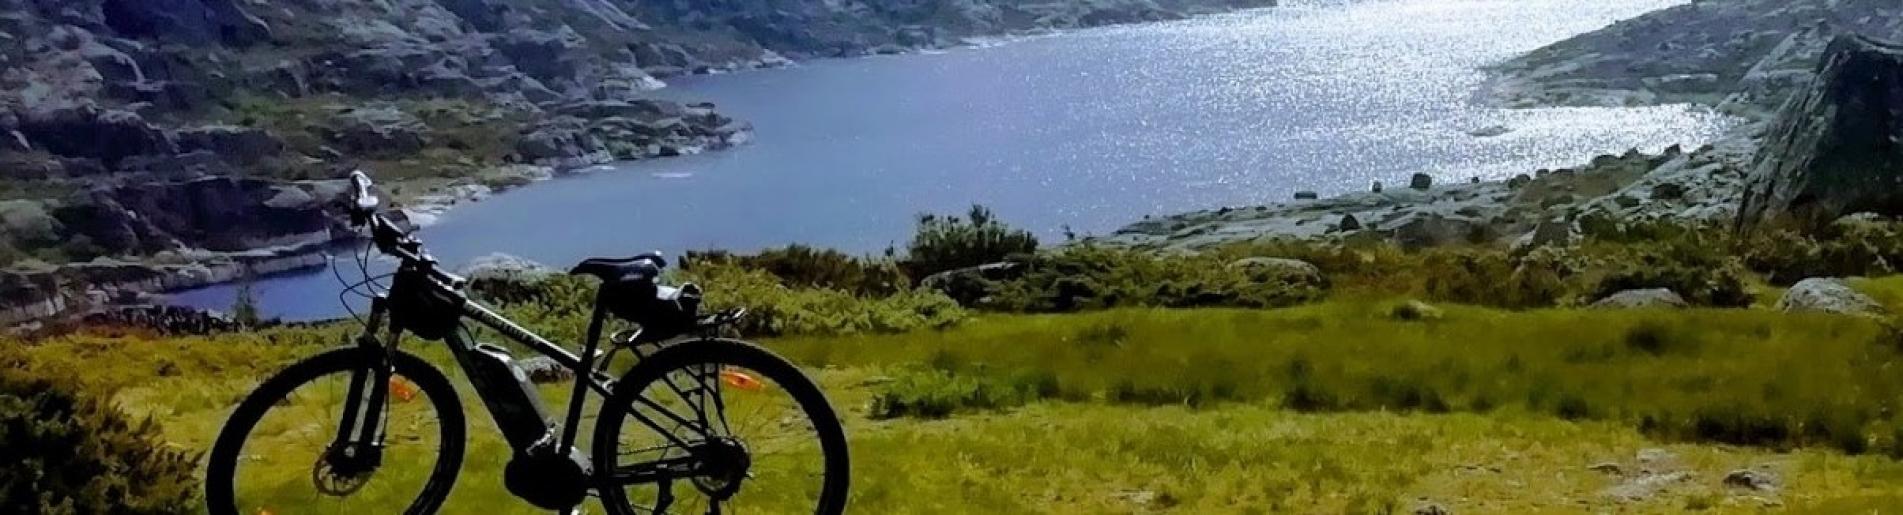 serra_estrela-bike_comprida